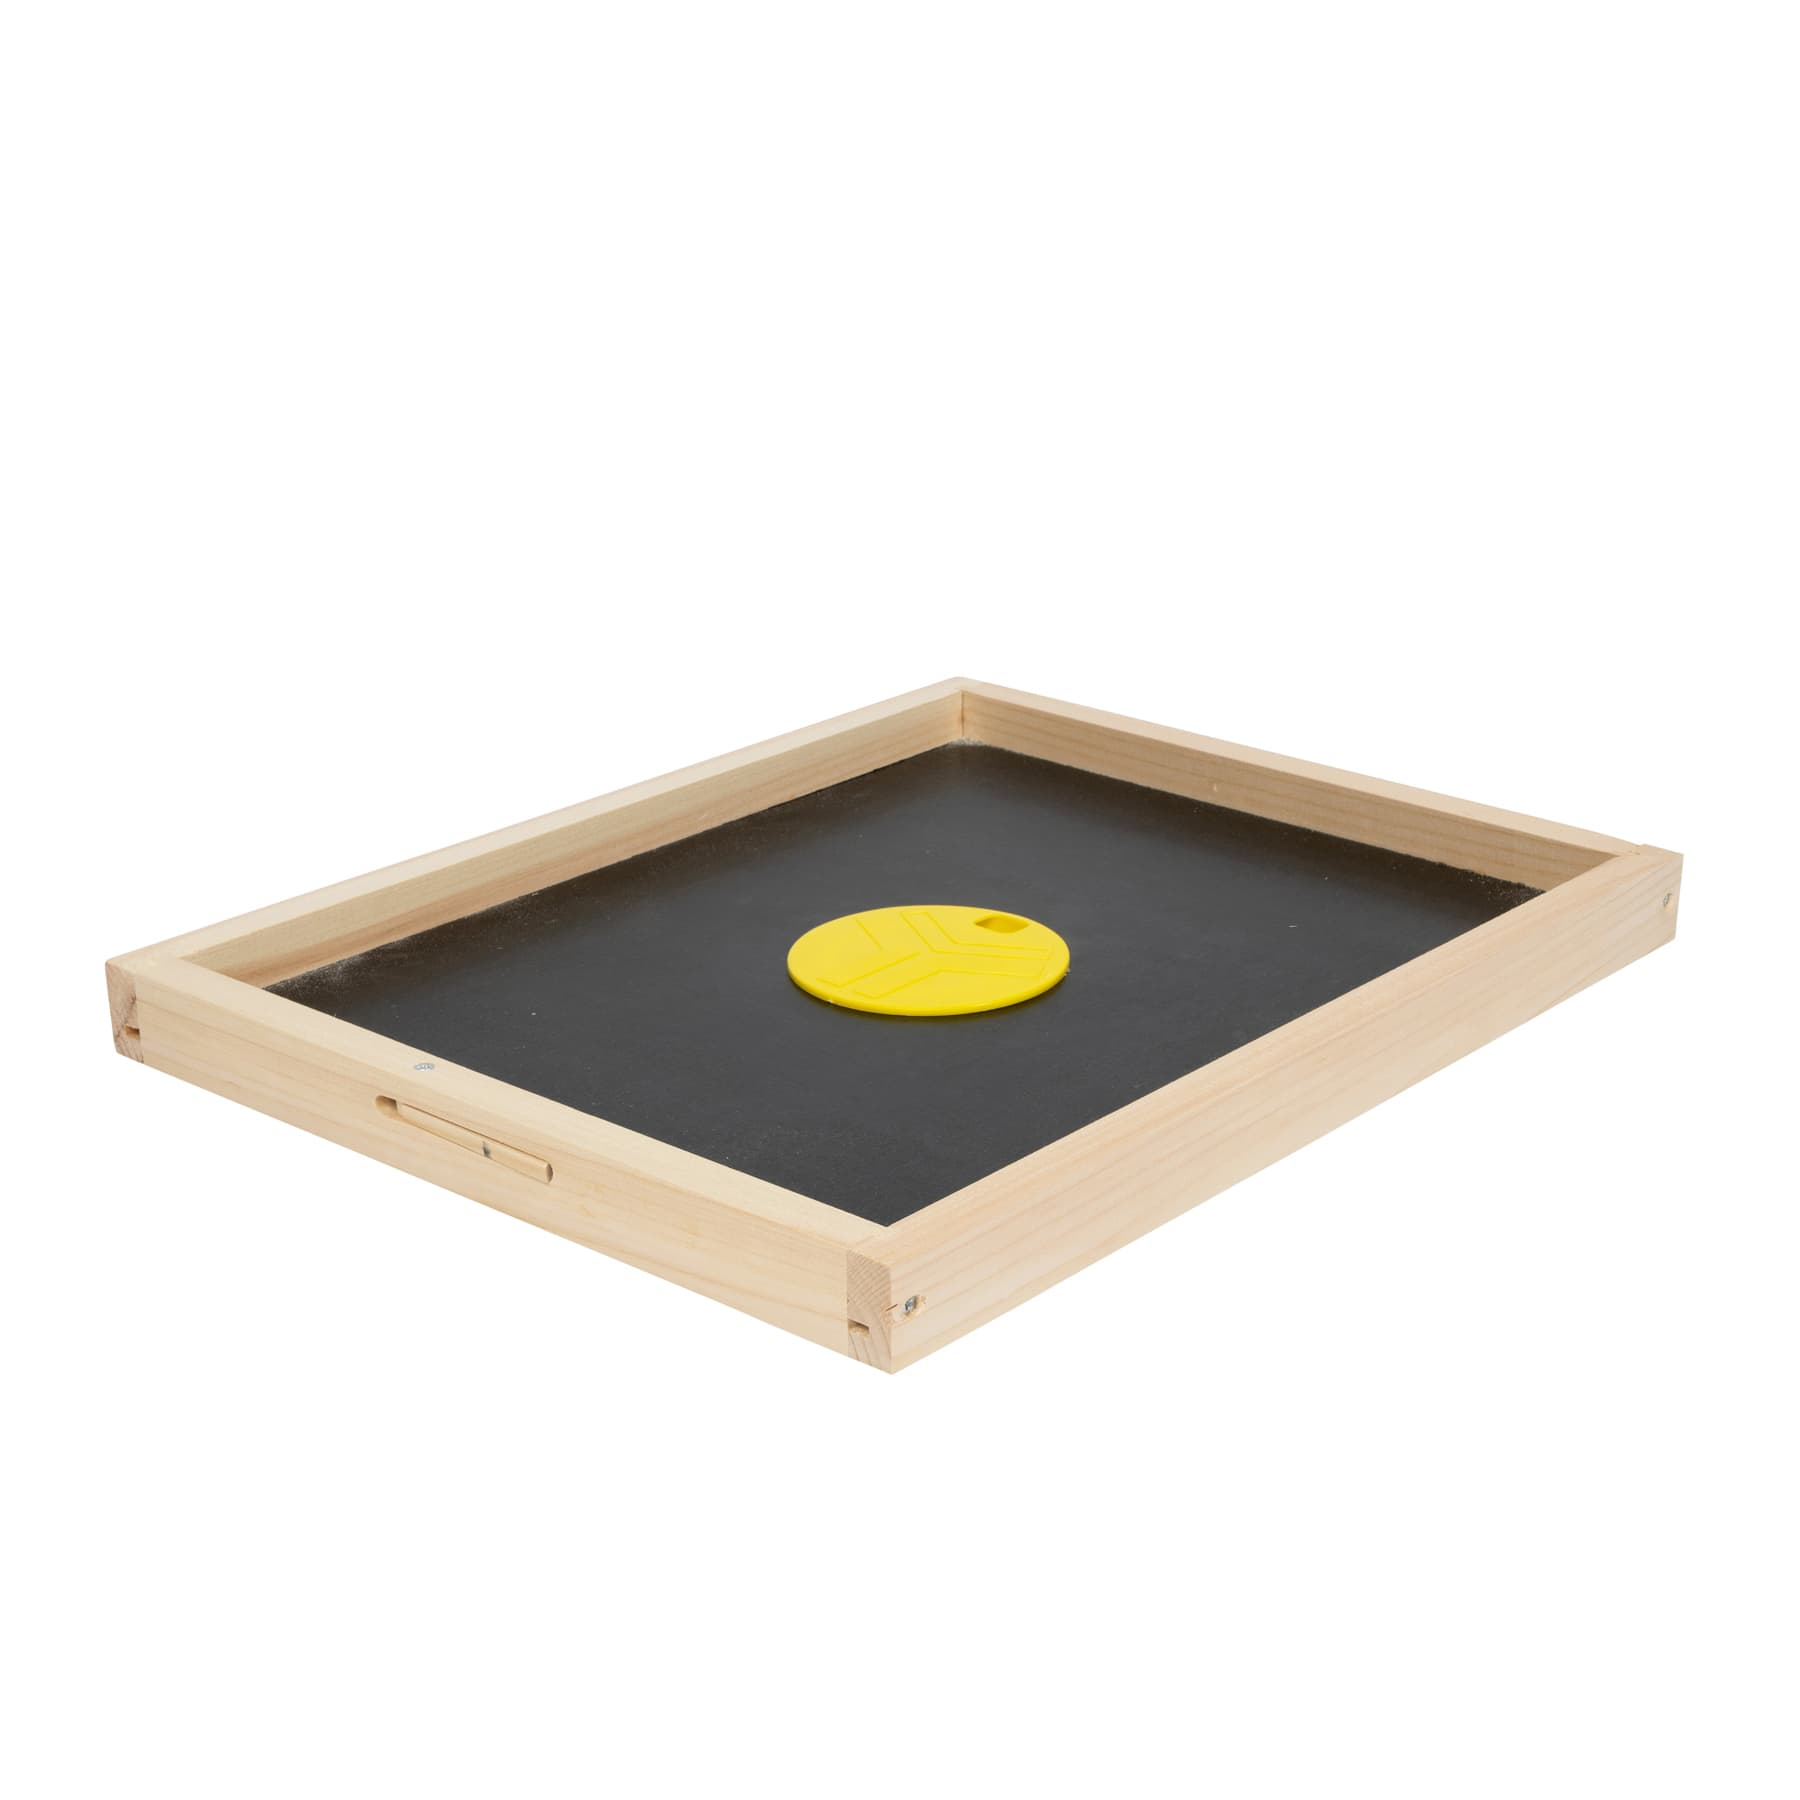 Bienenfluchtdeckel mit kleiner Bienenflucht (Ringkanal), Liebig Beute DN